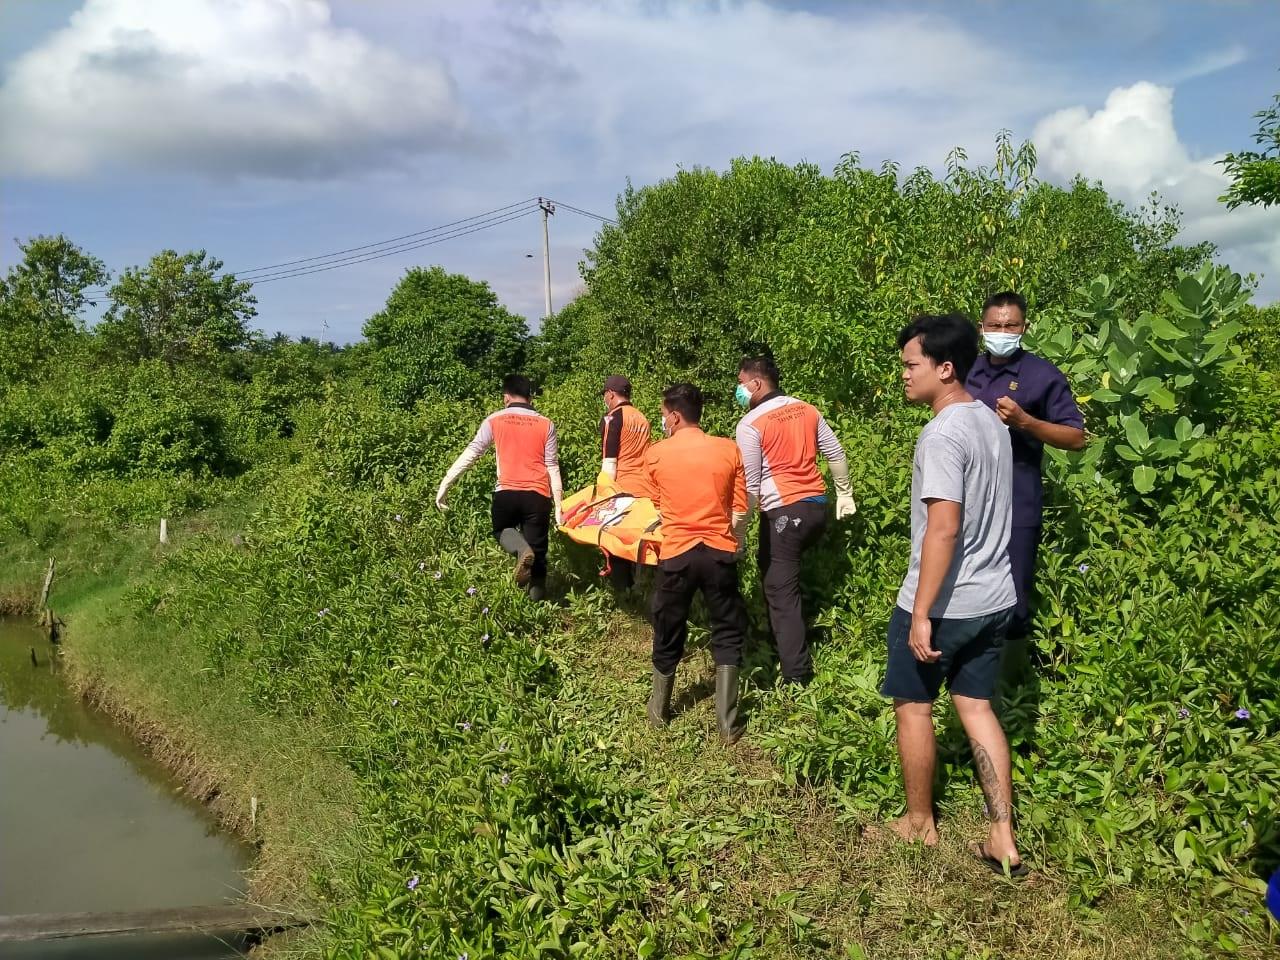 EVAKUASI mayat mengambang di Sungai Awen Mertasari, Kecamatan Negara, Jembrana, Senin (11/1/2021). Foto: ist